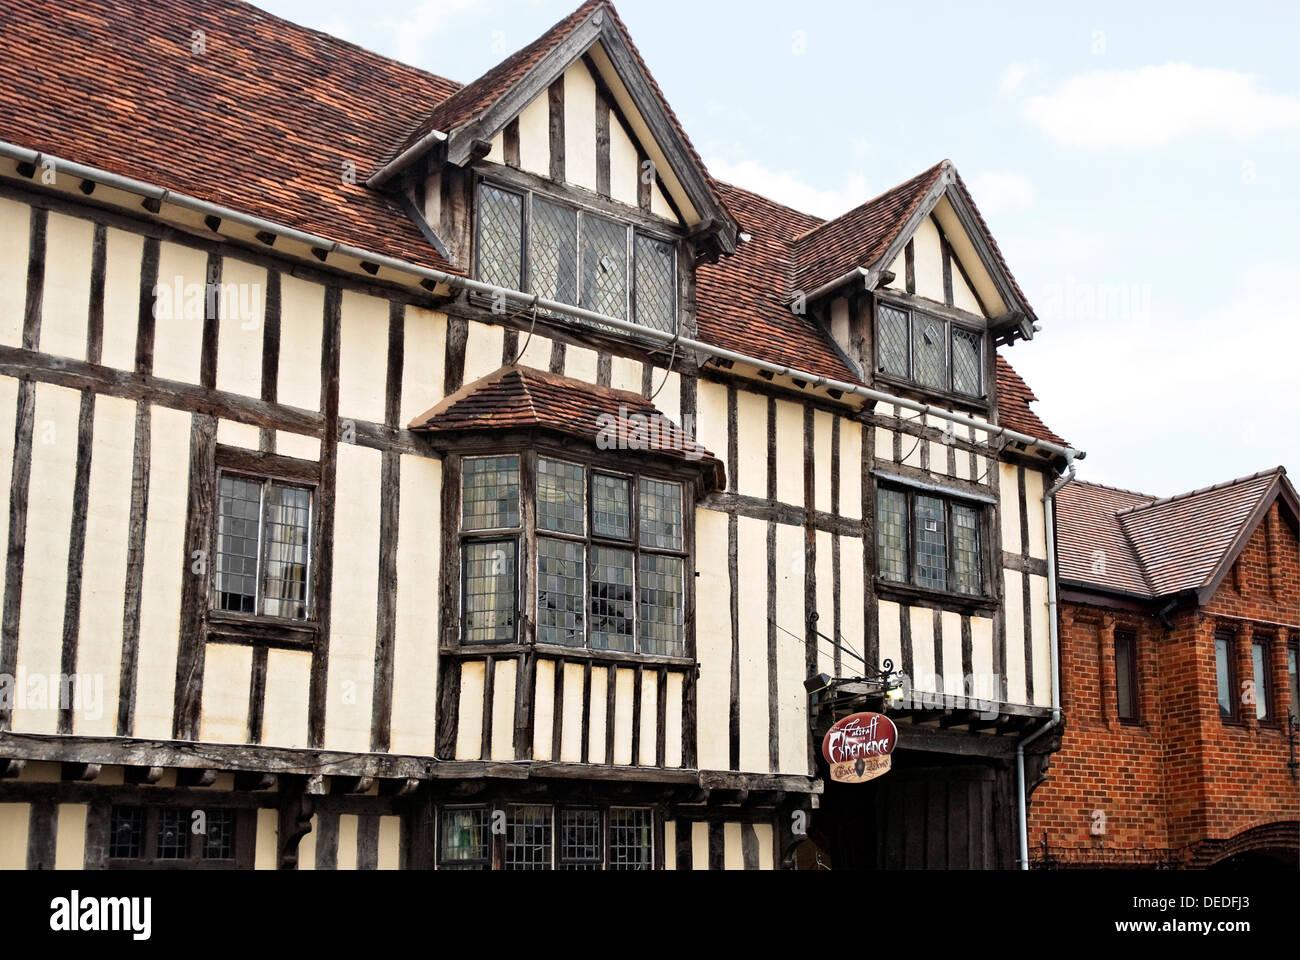 Die Falstaff-Erfahrung in Stratford-upon-Avon, eine preisgekrönte Besucherattraktion, die im 16. Jahrhundert zum Leben erweckt. Stockbild